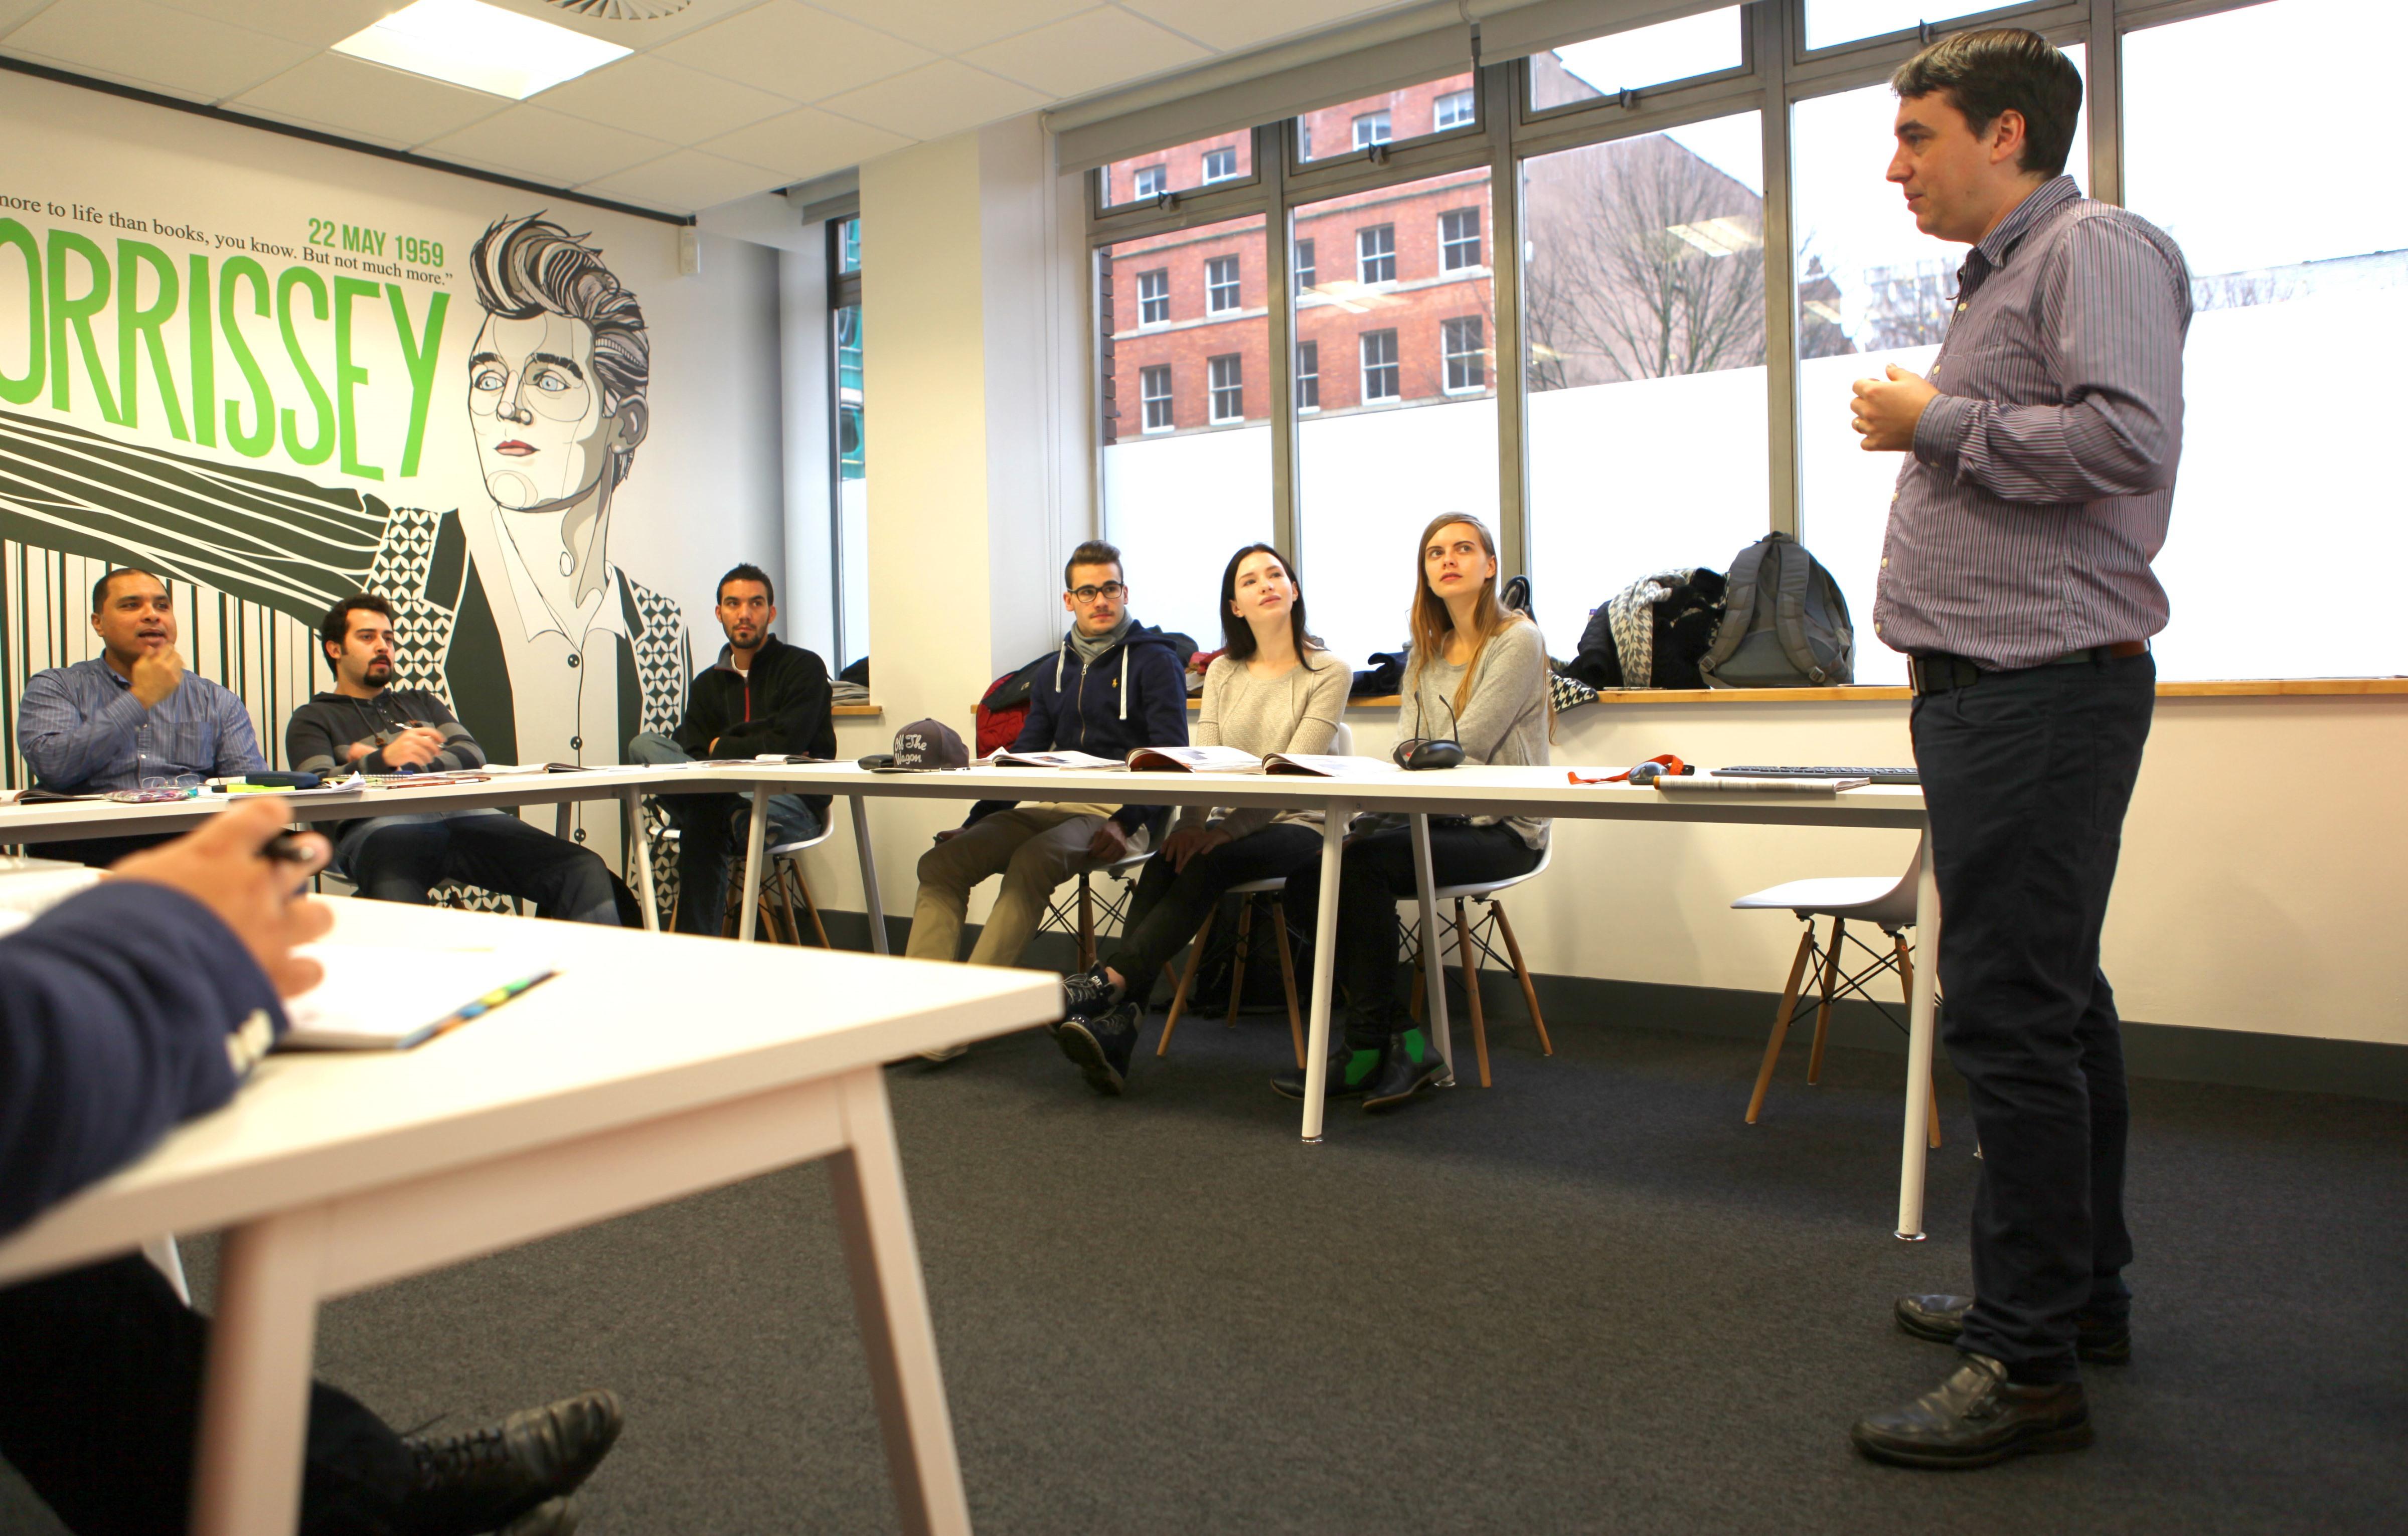 EC school in Manchester